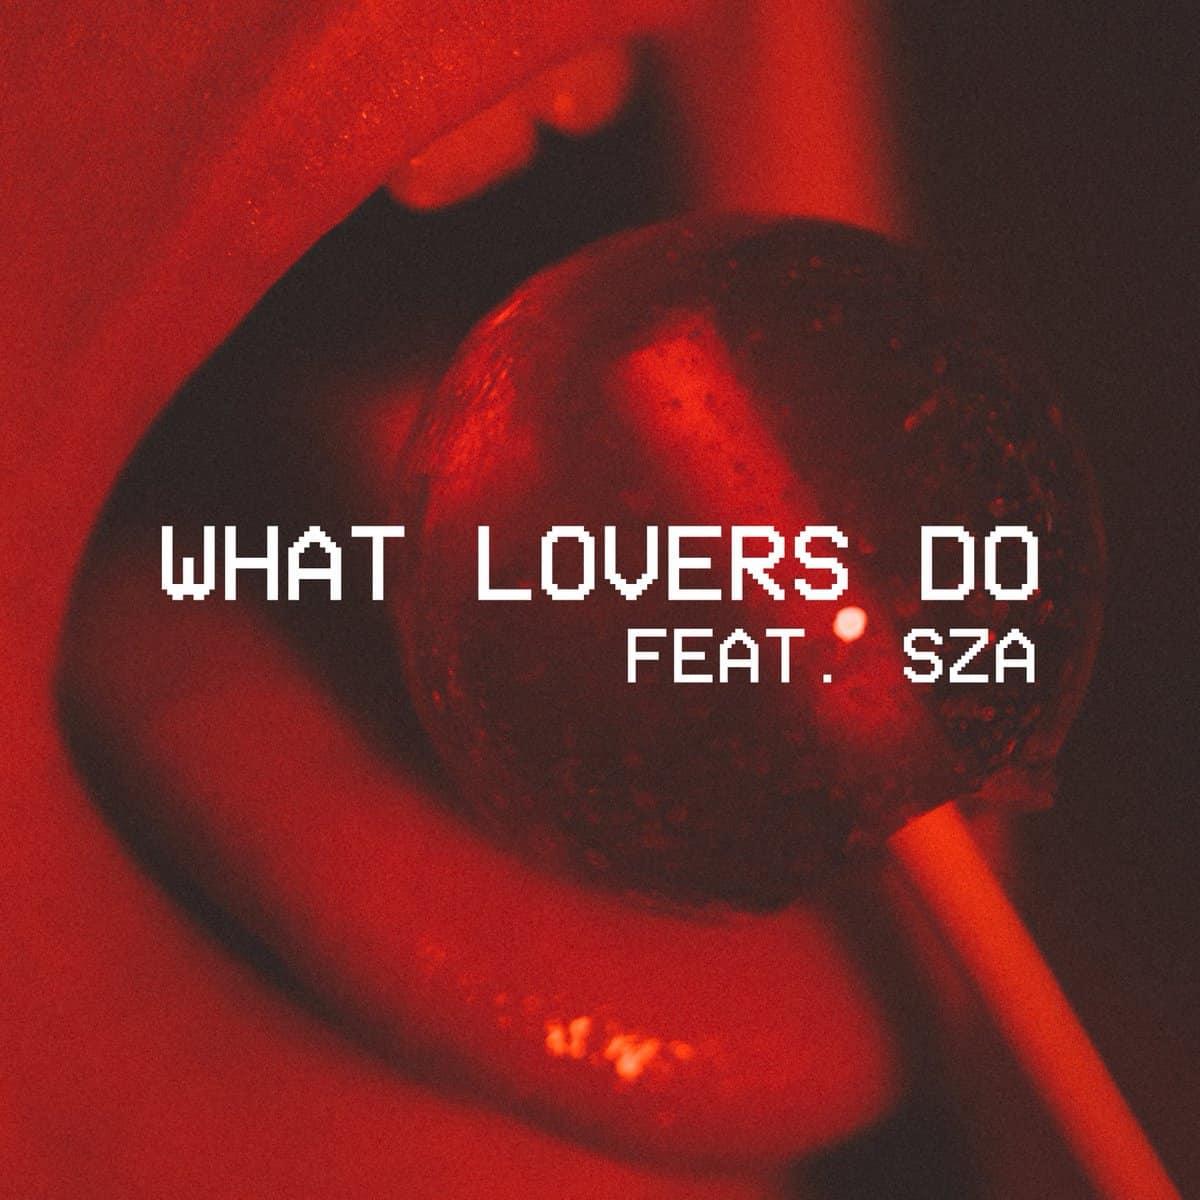 แปลเพลง What Lovers Do - Maroon 5 feat. SZA